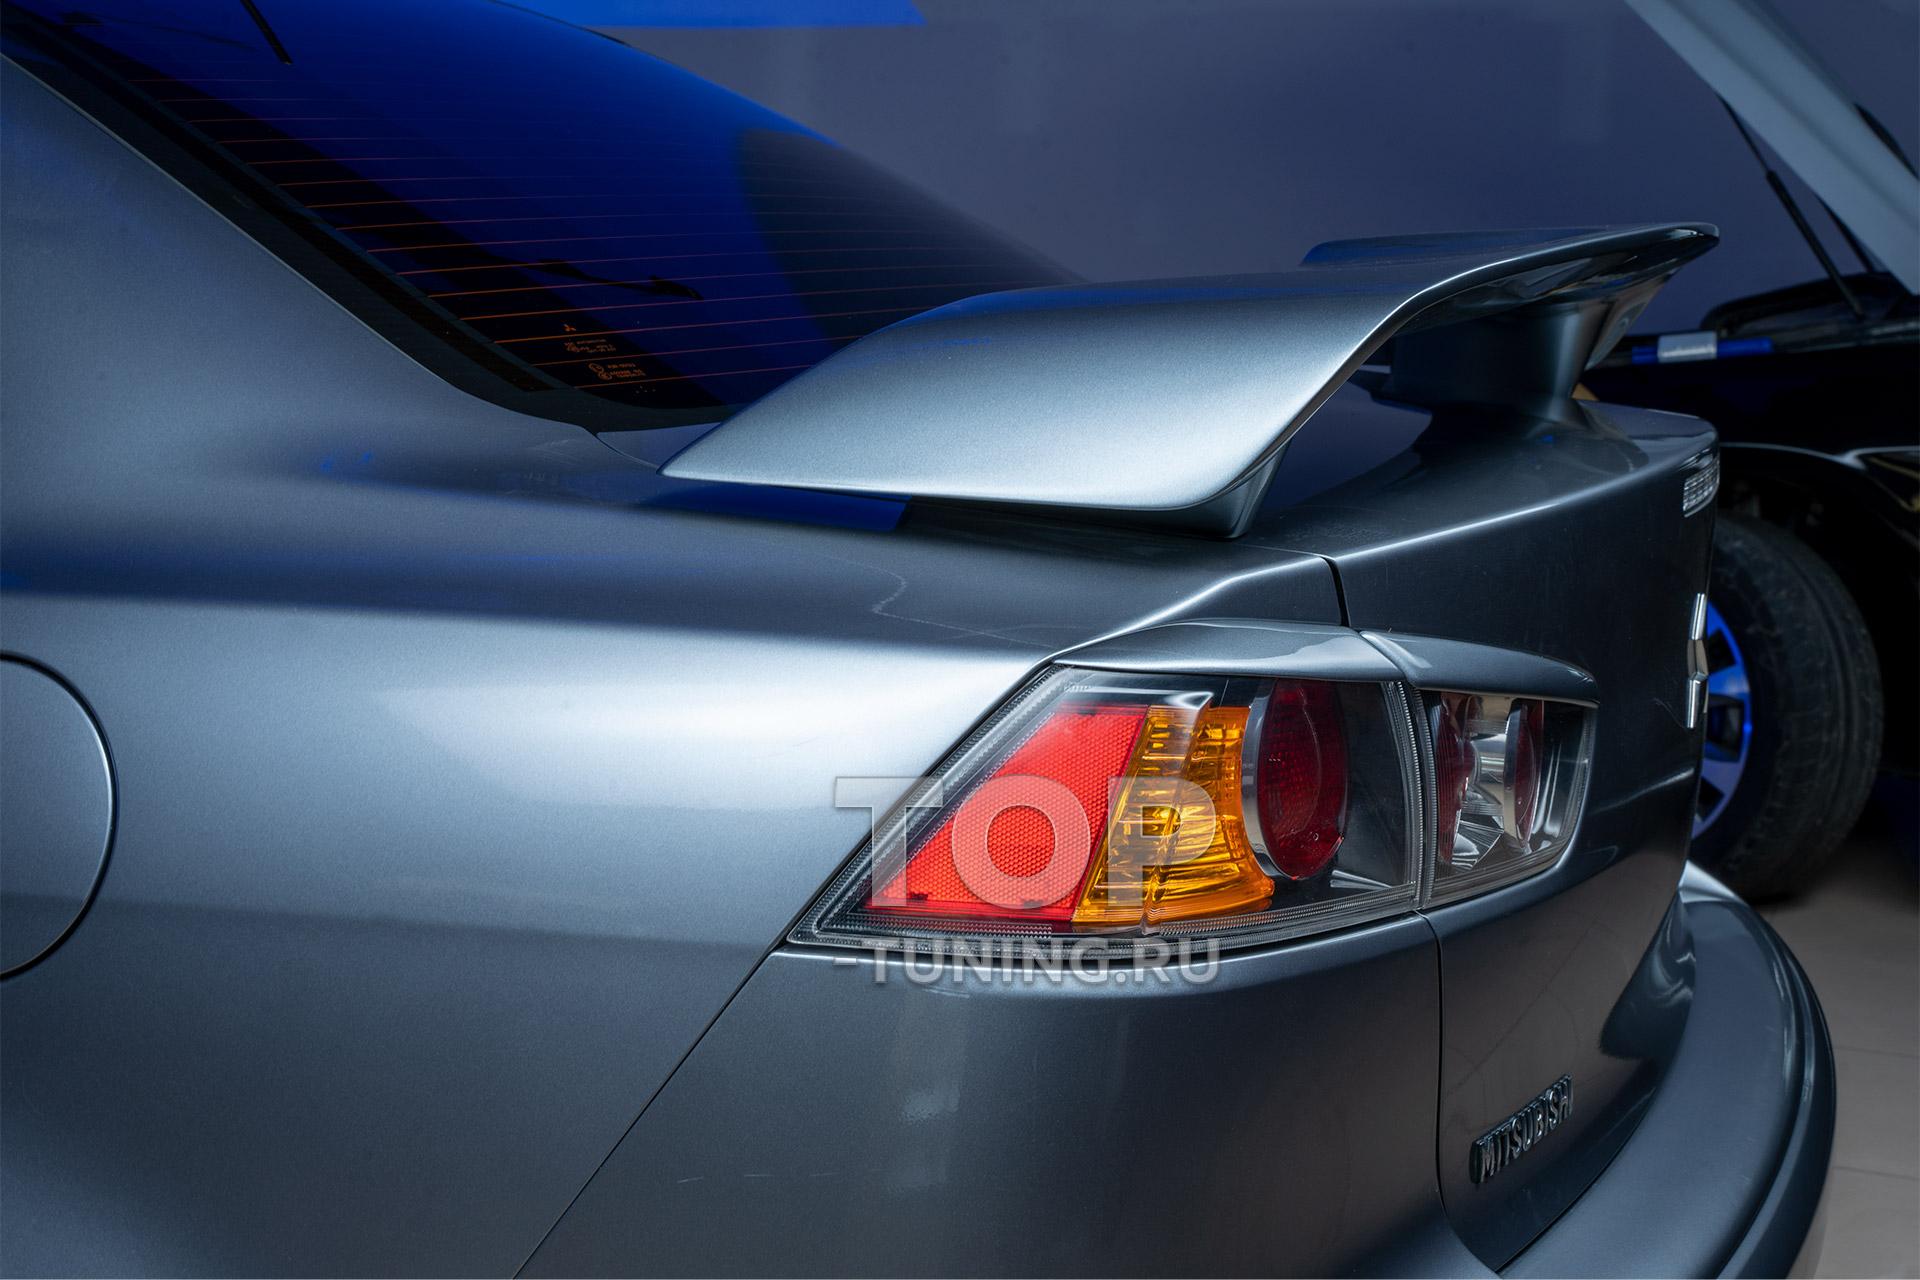 Тюнинг Mitsubishi Lancer Х купить с установкой, в наличии. Доставка, выгодные цены, гарантия.